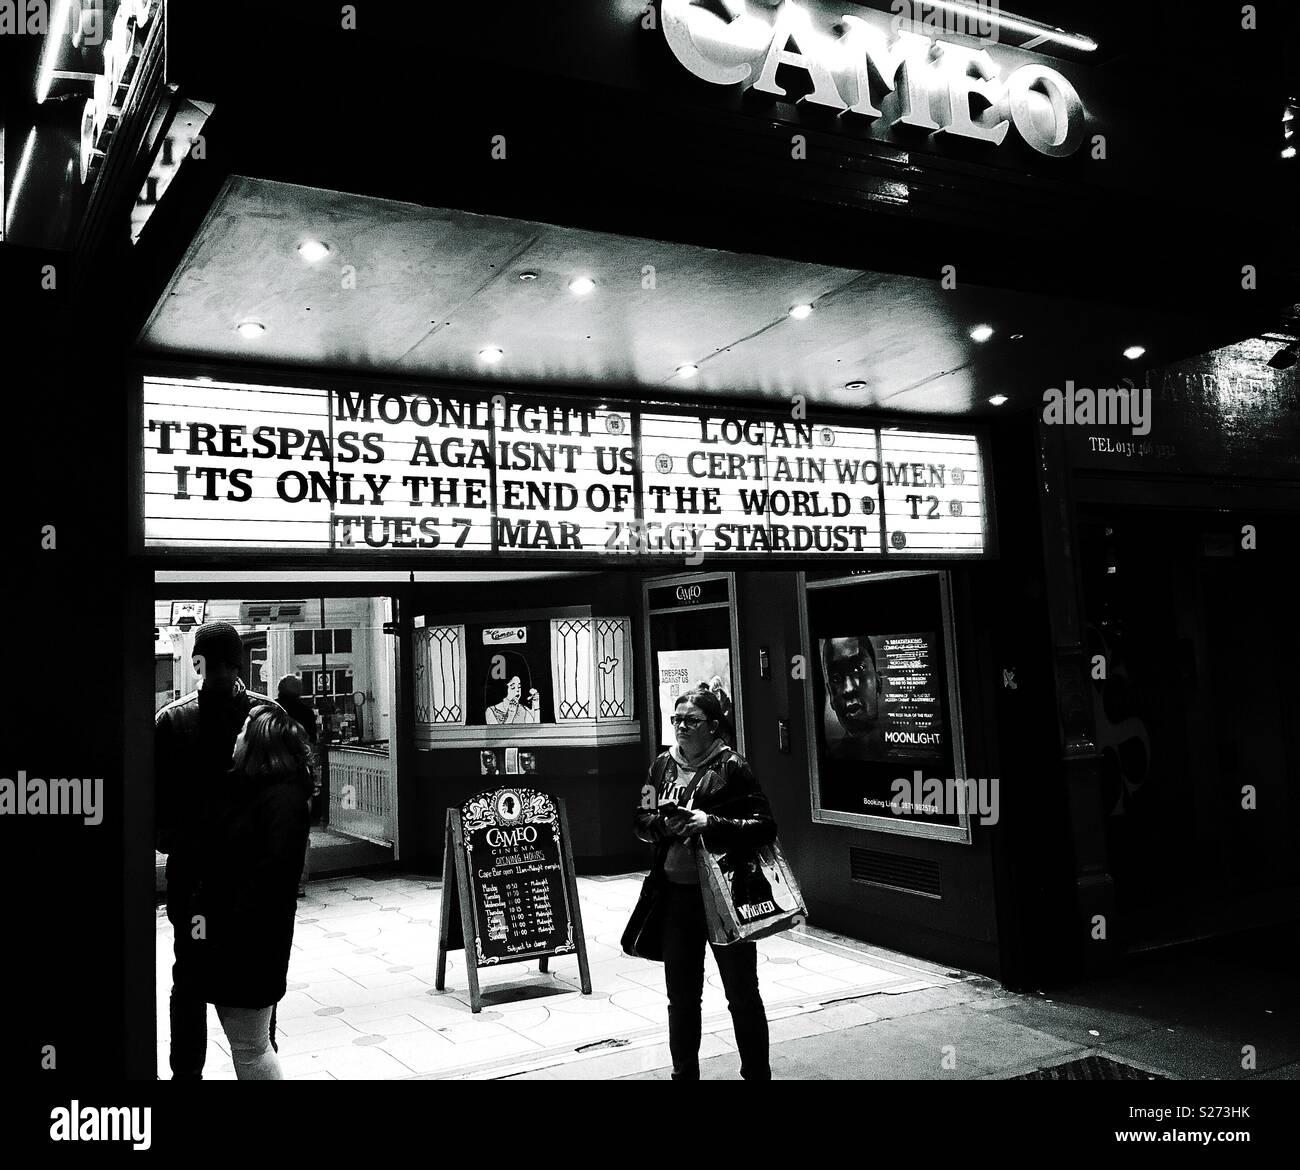 Cine de tarde en la noche, gente esperando Imagen De Stock